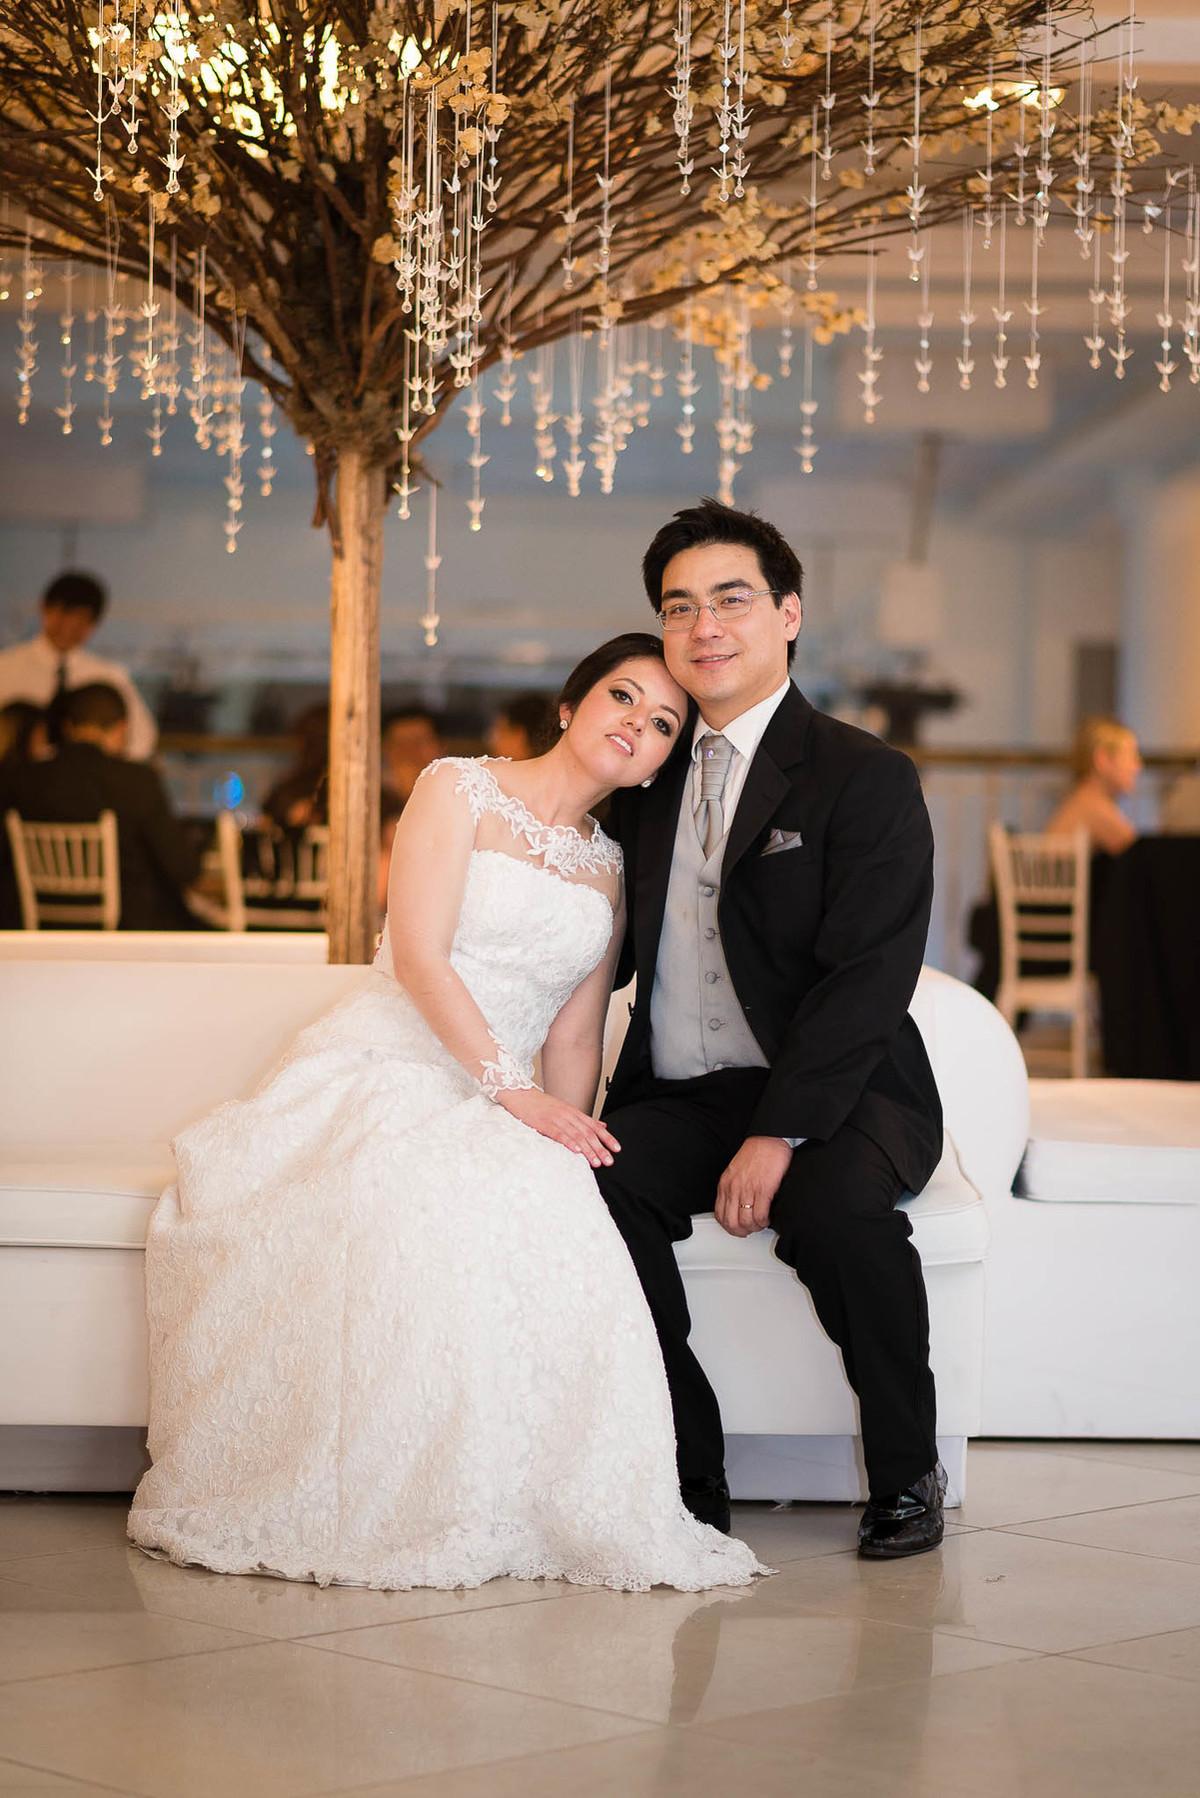 fotografia casamento espaço nobre são paulo casal noivos vestido de noiva decoração tsuru oriental wewfotografia